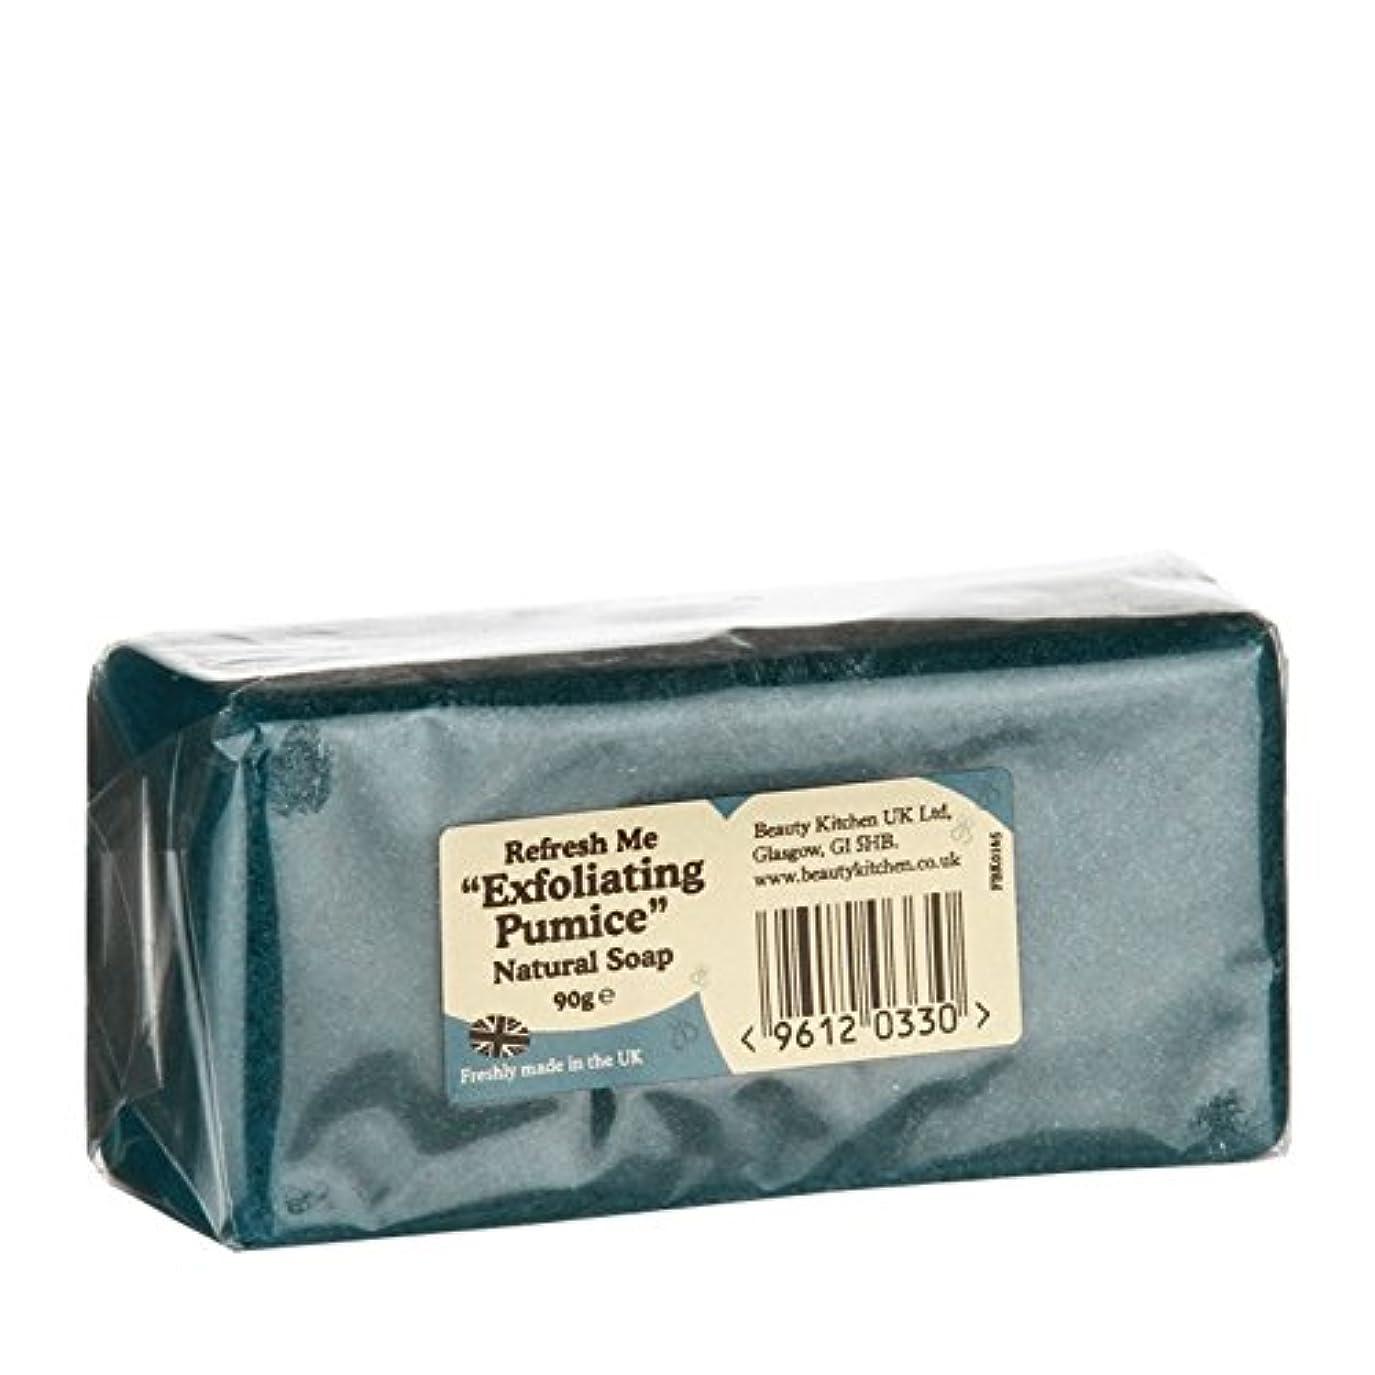 細菌思慮のない鳴り響く美しさのキッチンは、軽石の天然石鹸90グラムを剥離私をリフレッシュ - Beauty Kitchen Refresh Me Exfoliating Pumice Natural Soap 90g (Beauty Kitchen...